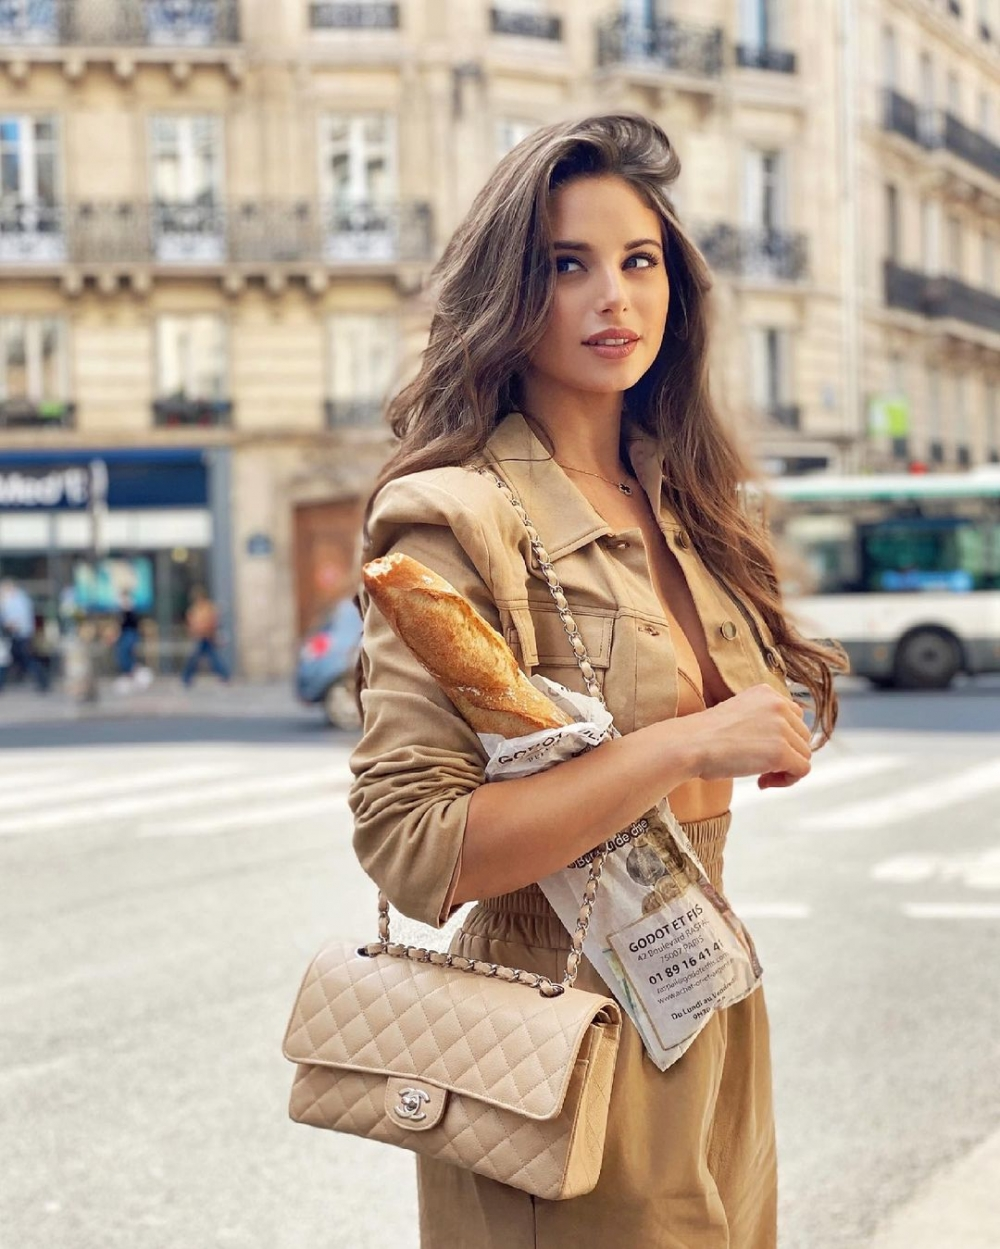 「手袋的皮革的磨損會影響它的價值」:CHANEL最常見的4種皮革,平日裡也好好照顧讓它維持在最佳狀態